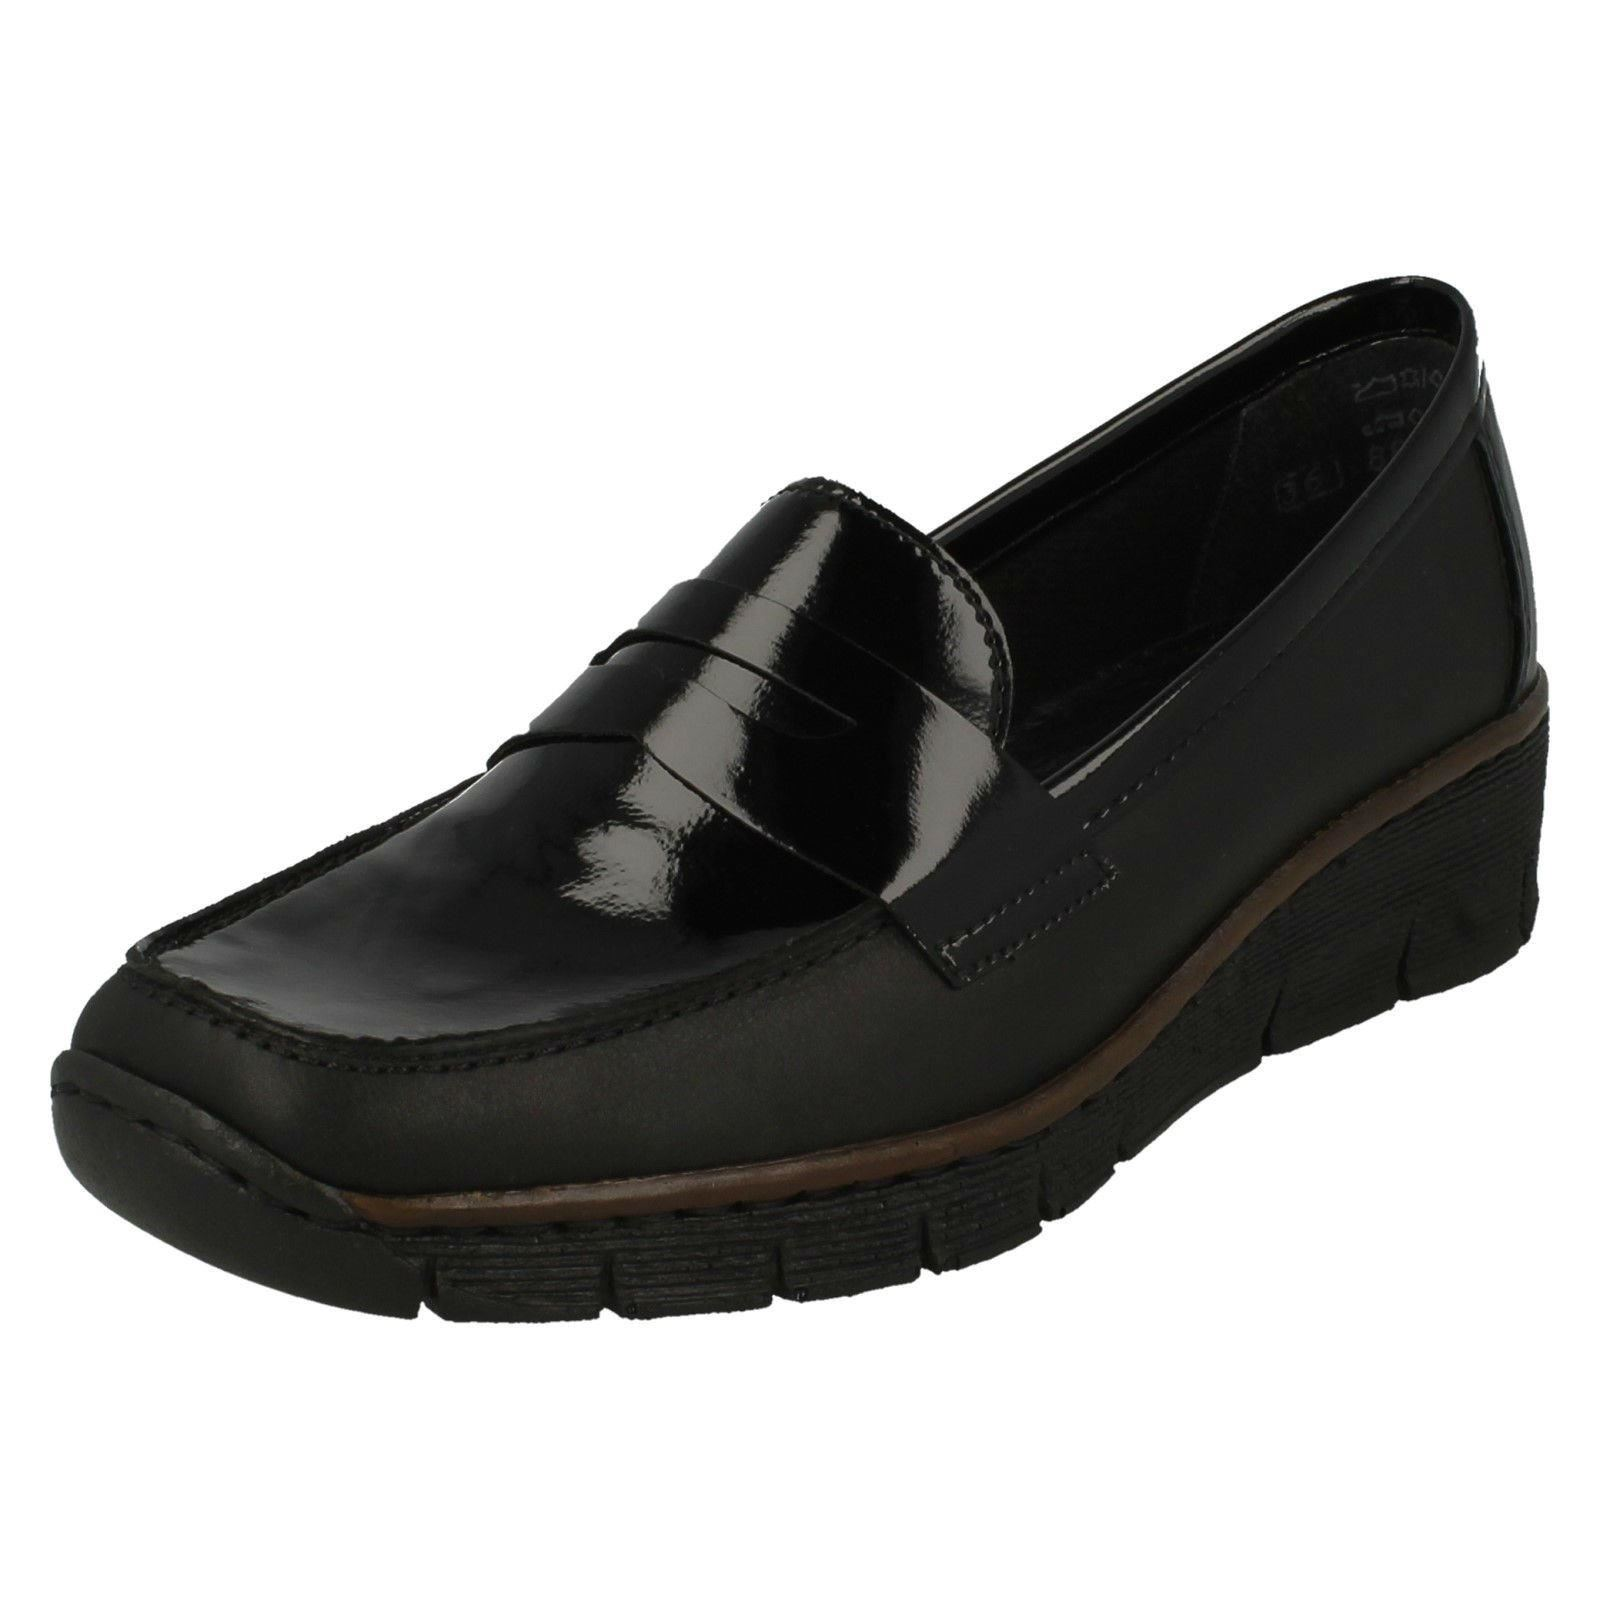 Damen Rieker 53752 Smart Slipper Stil Schuhe 53752 Rieker a1d08e